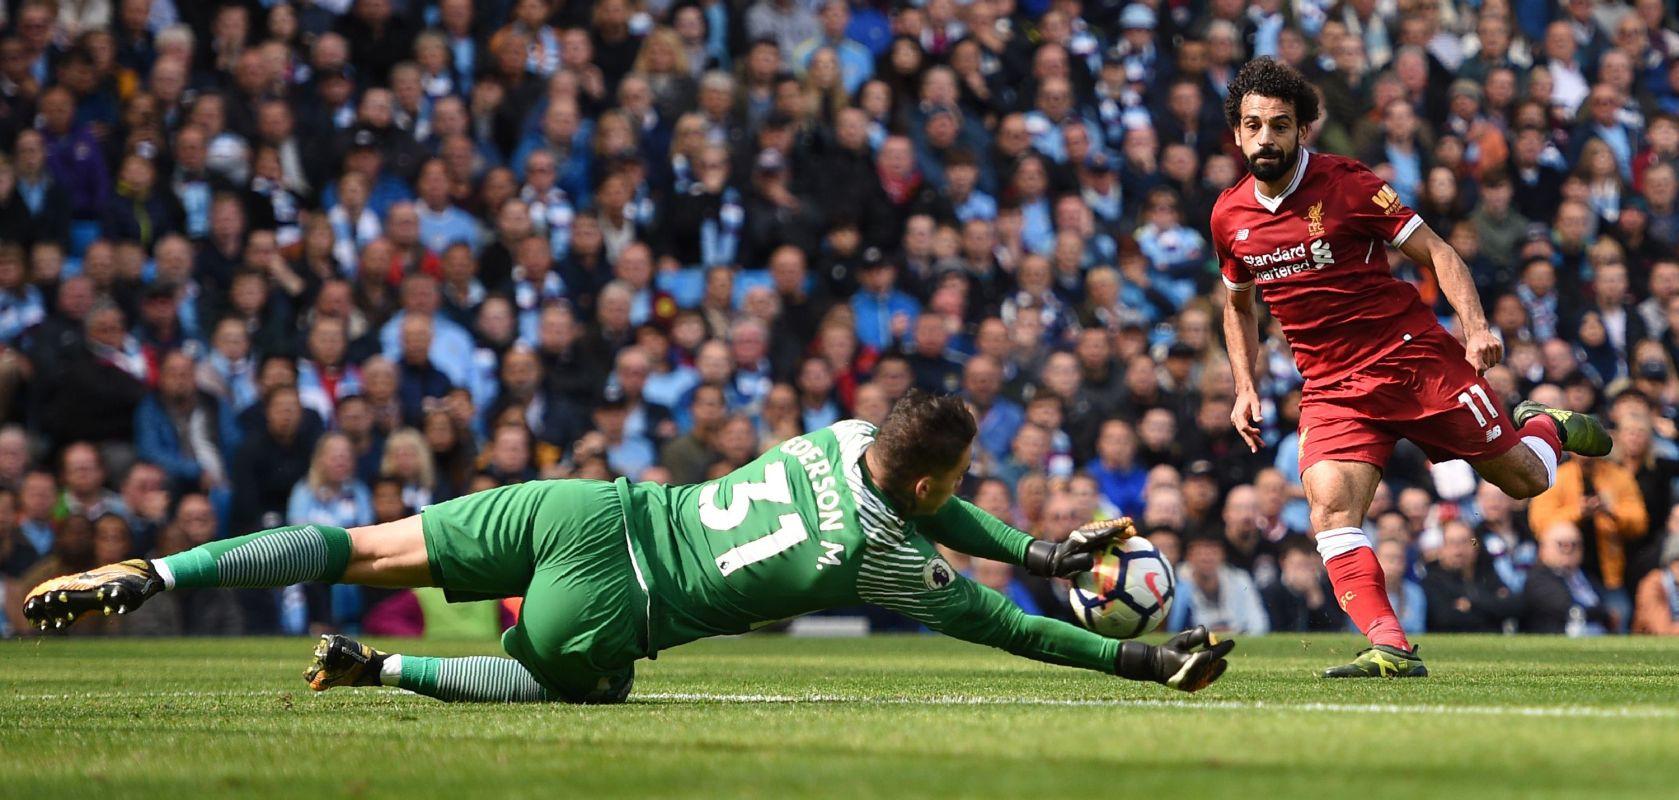 Hình ảnh: Liverpool là đội tung ra nhiều pha dứt điểm về khung thành Man City nhất mùa này